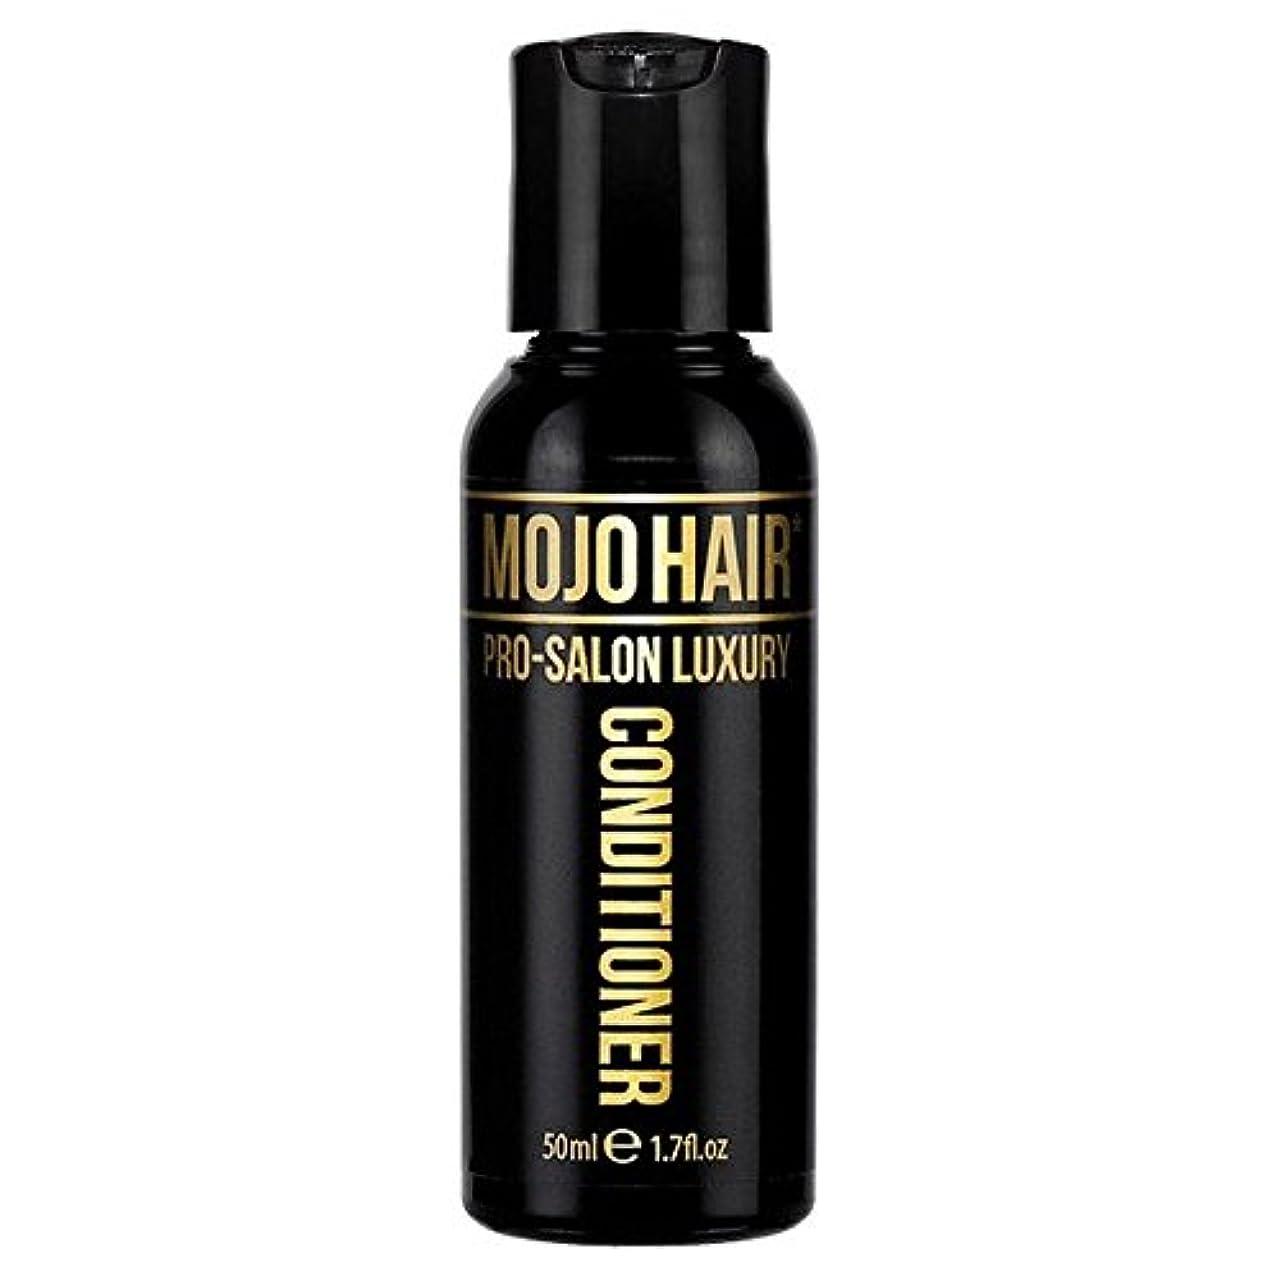 排除拮抗セレナMOJO HAIR Pro-Salon Luxury Fragrance Conditioner for Men, Travel Size 50ml (Pack of 6) - 男性のためのモジョの毛プロのサロンの贅沢な...